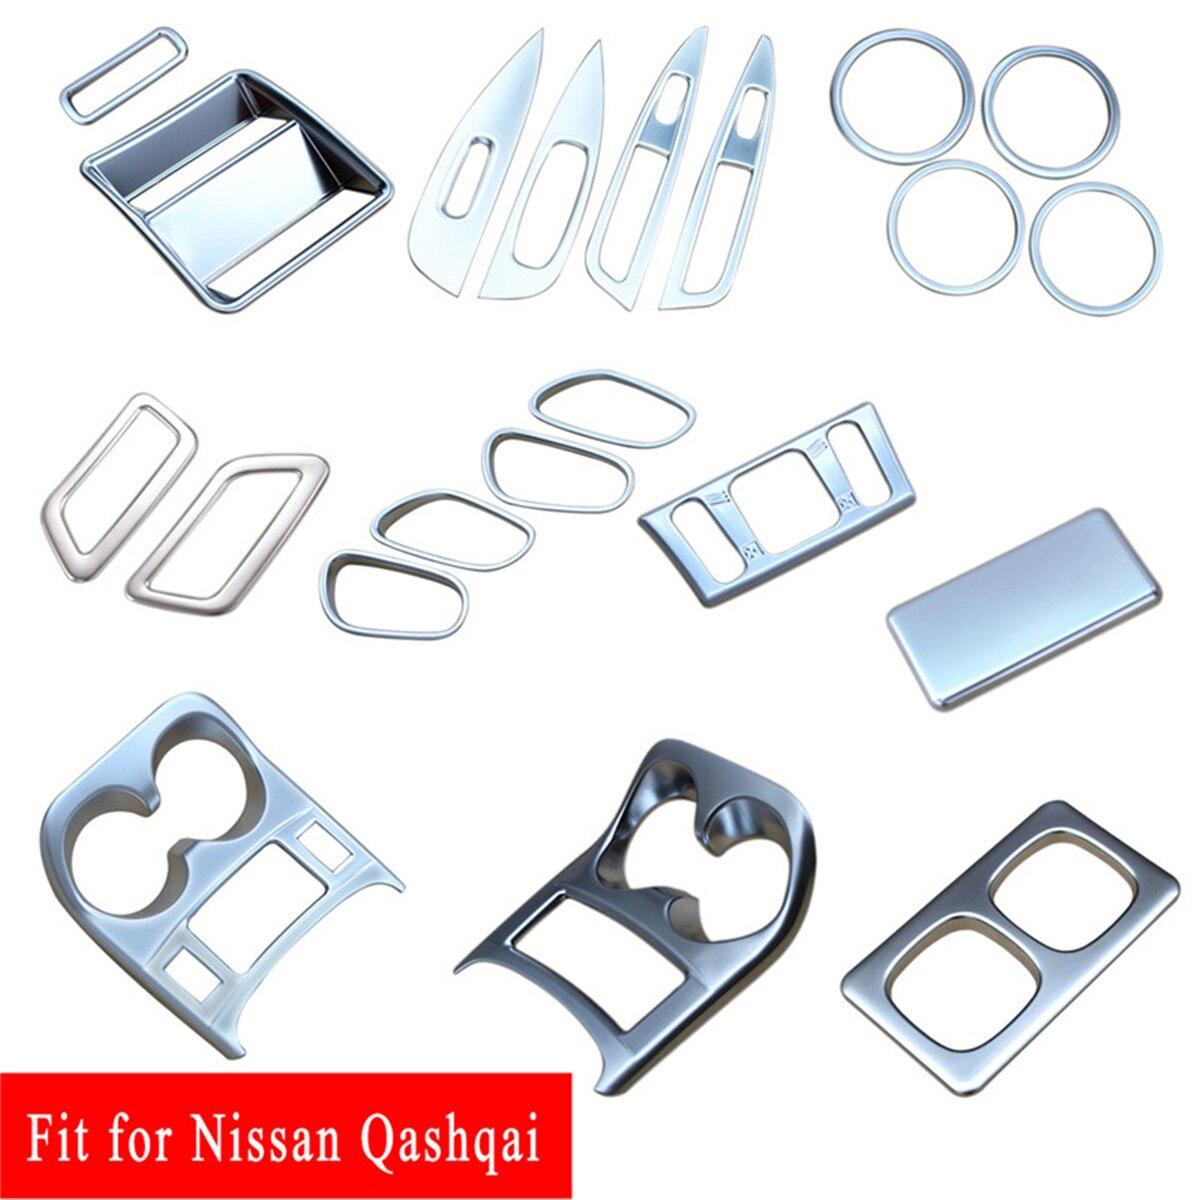 Acessórios chrome suporte de copo água maçaneta da porta ventilação ar capa guarnição apto para nissan qashqai j11 2014 2015 2016 2017 2018 2019